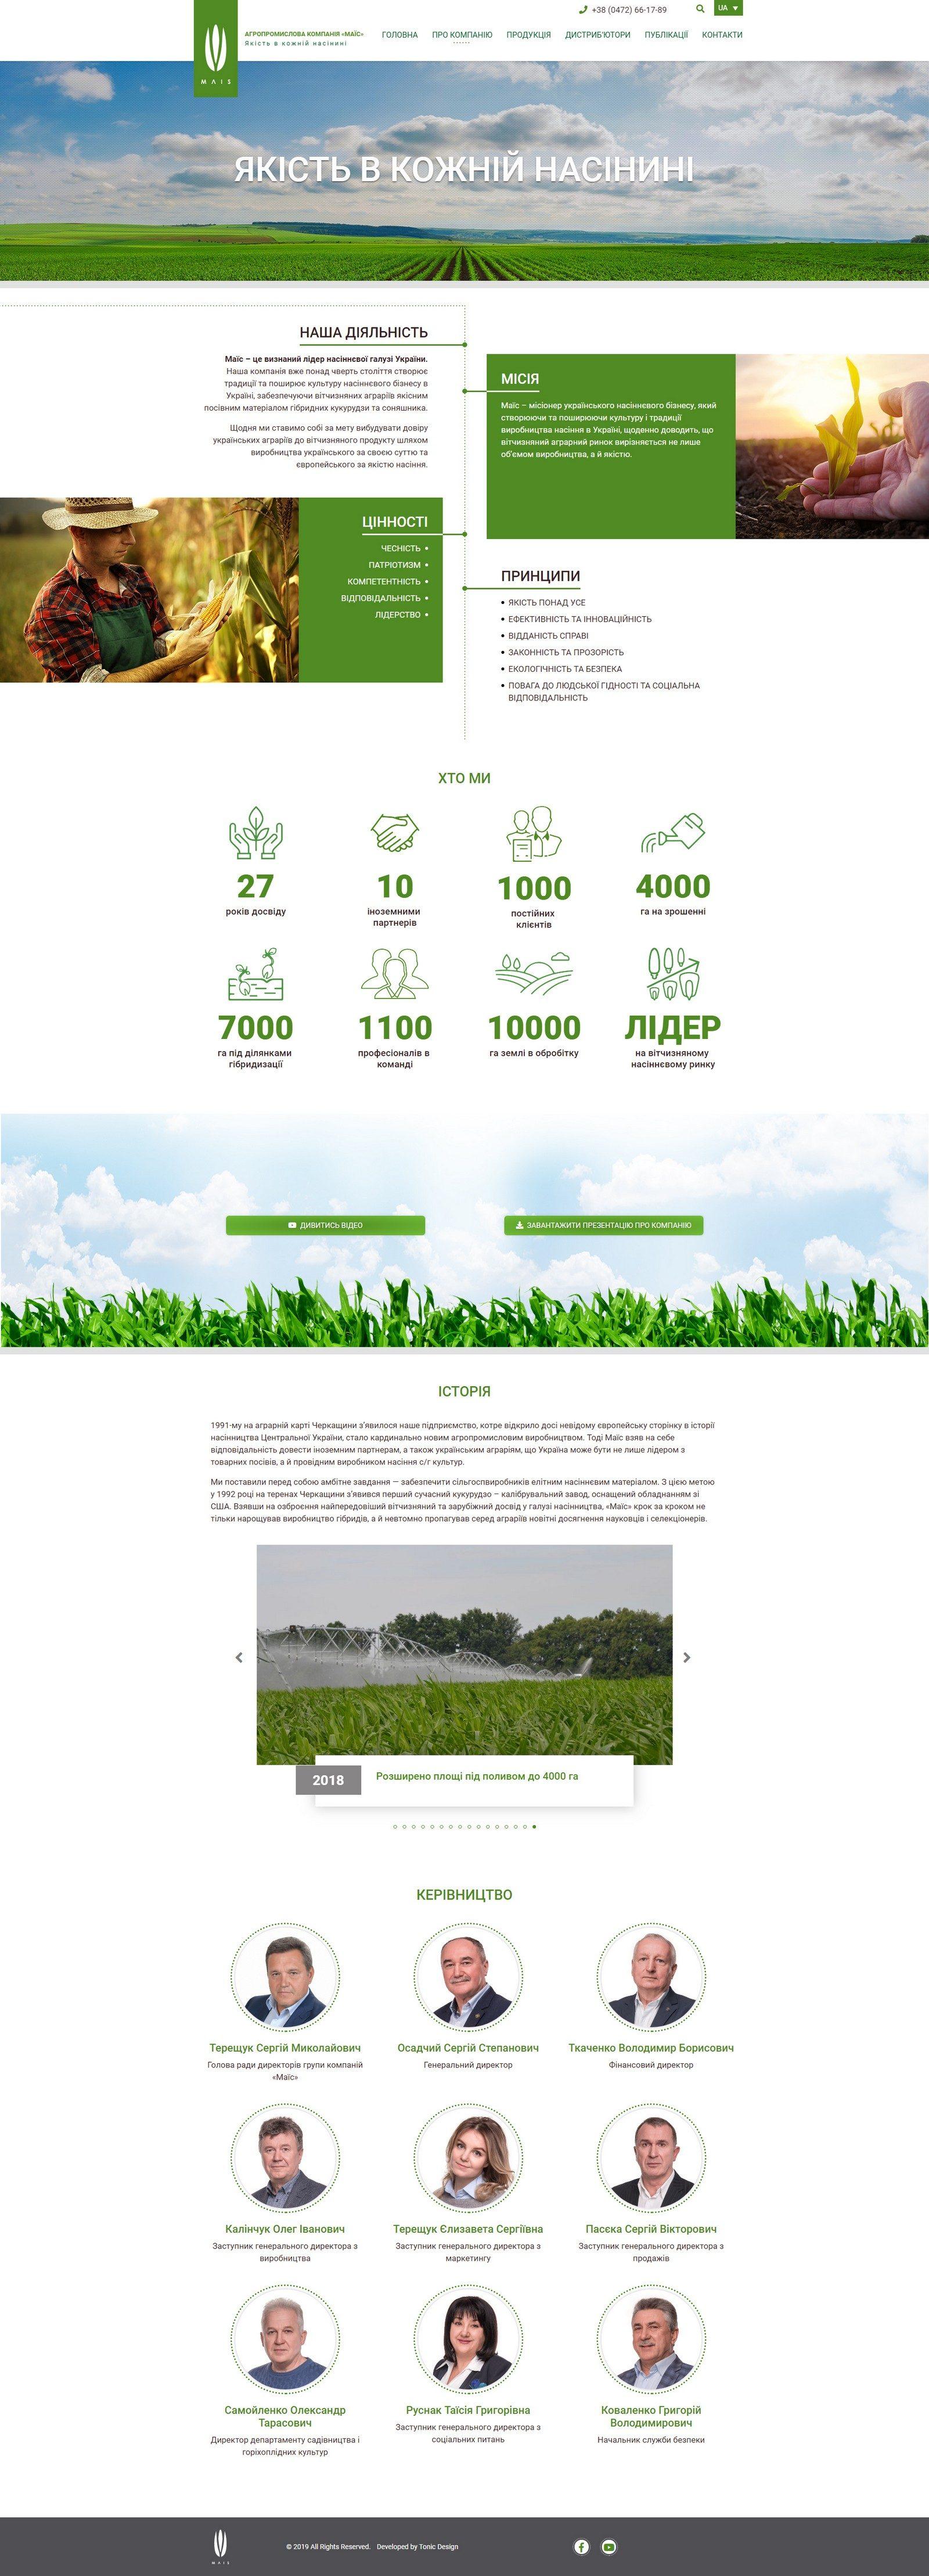 Создание корпоративного веб-сайта портфолио